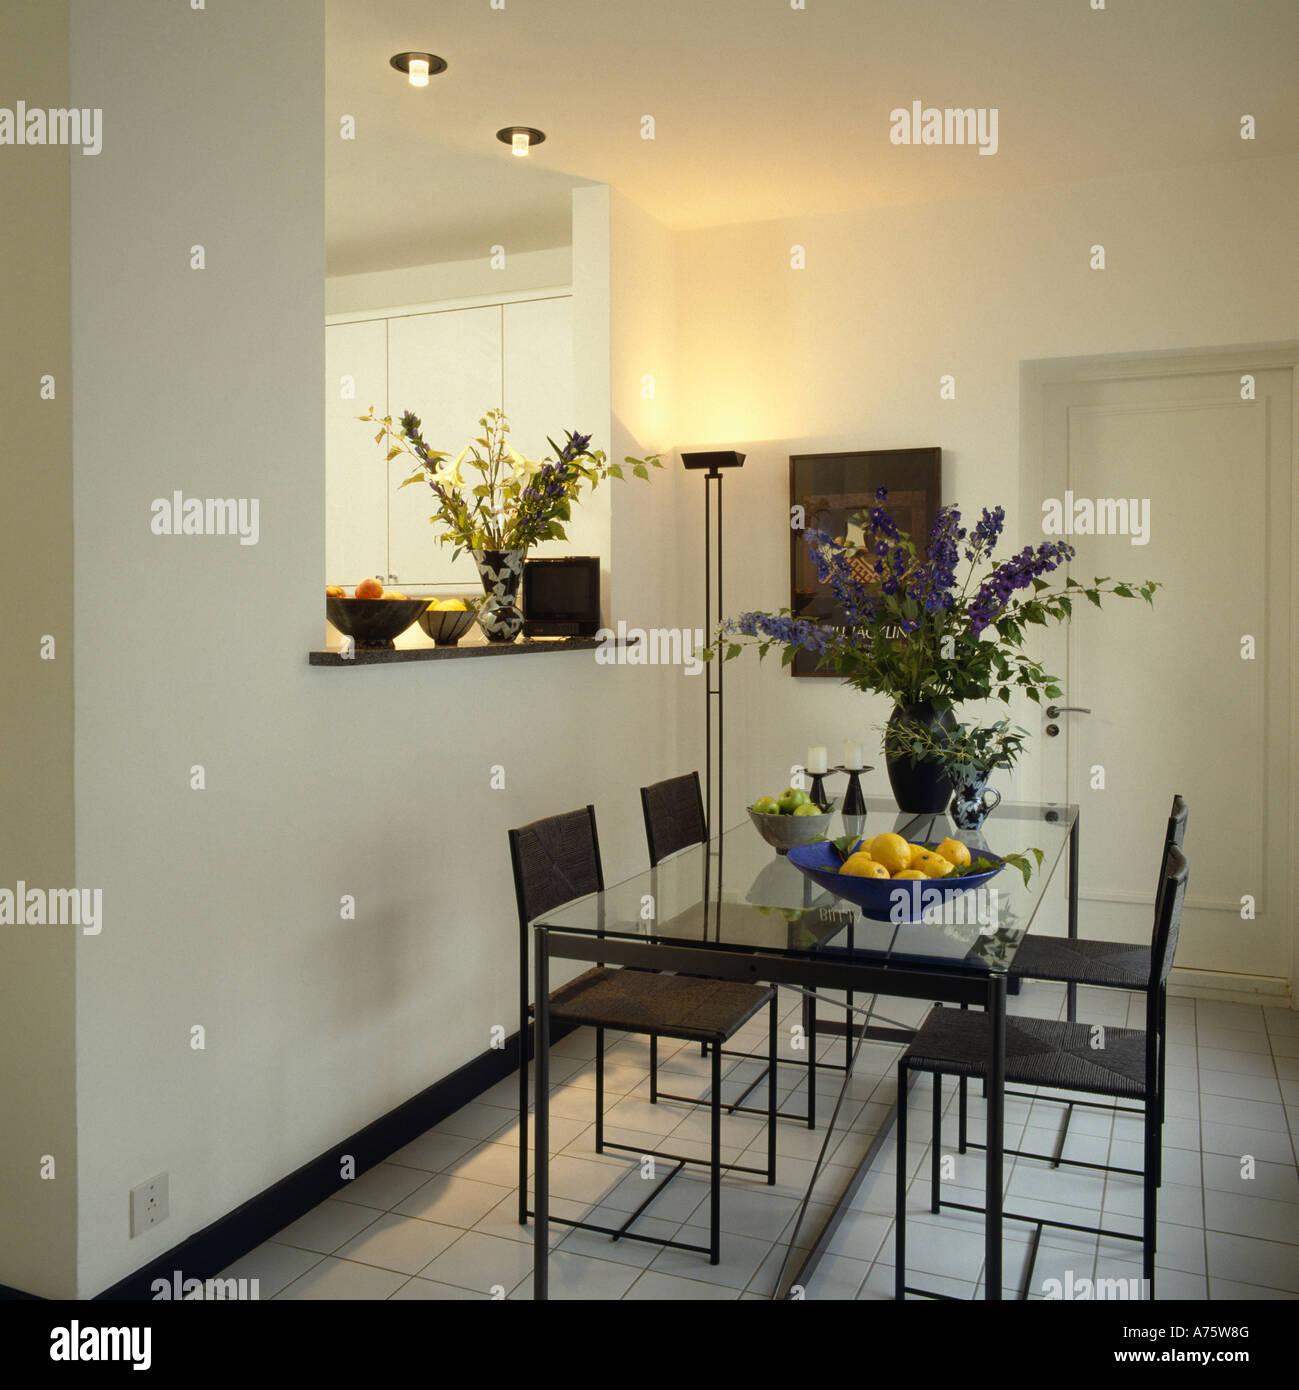 Moderne Weiss Esszimmer Mit Schwarzen Tisch Und Stuhlen Und